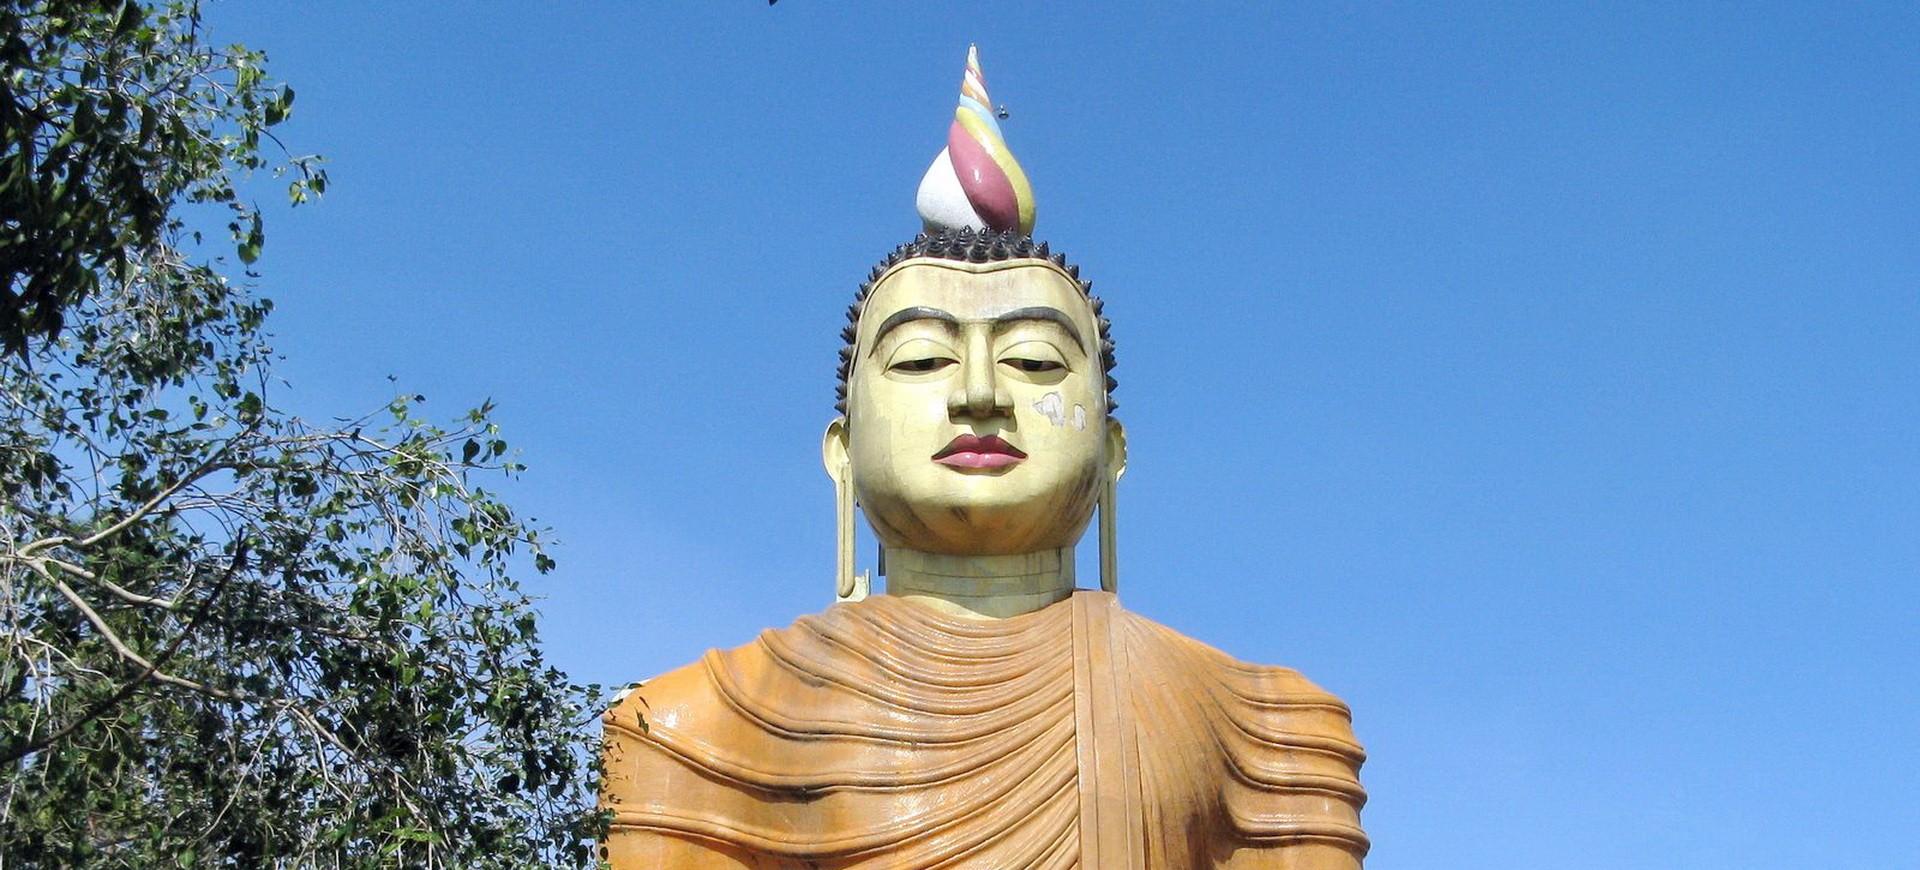 Sri Lanka Wewurukannala Statue de Bouddha Géant